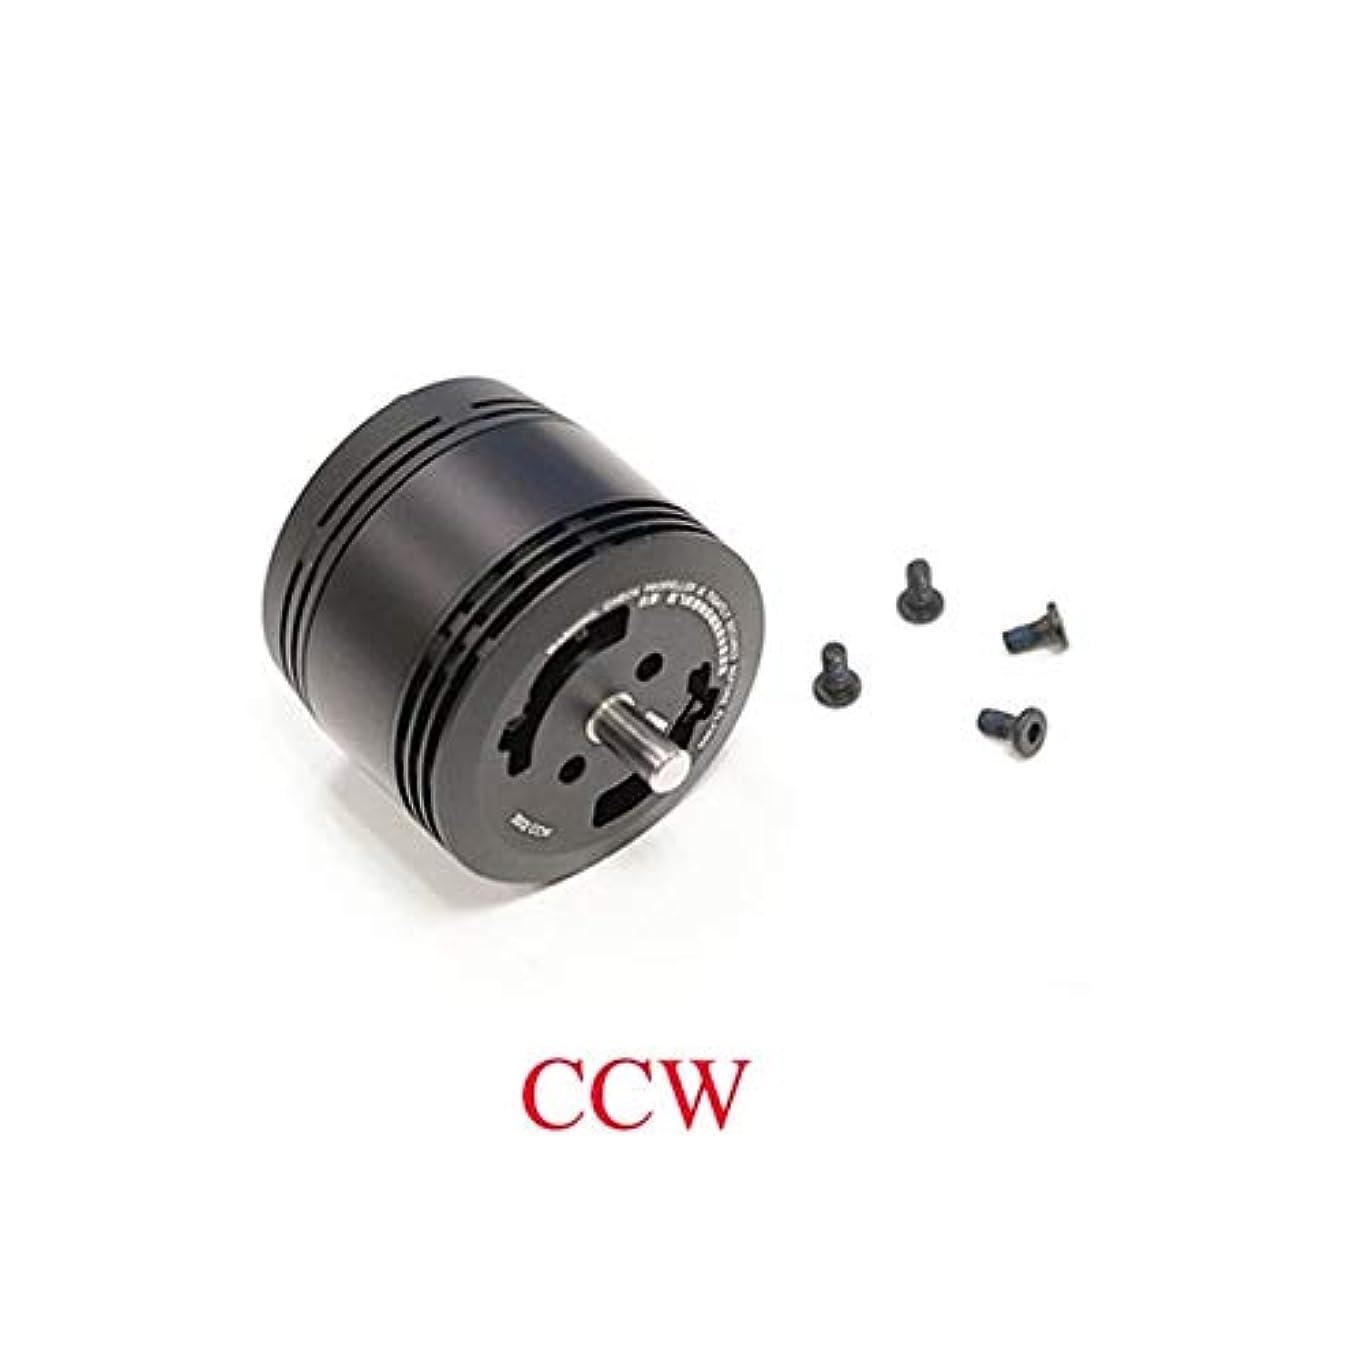 メーカー追記放射能HONG YI-HAT DJIインスパイア2 CCW / CWモーターの修理部品交換3512 CCW / CWモータのDJIインスパイア2ドローンスペアパーツ付属品 ドローンアクセサリー (Color : CCW)